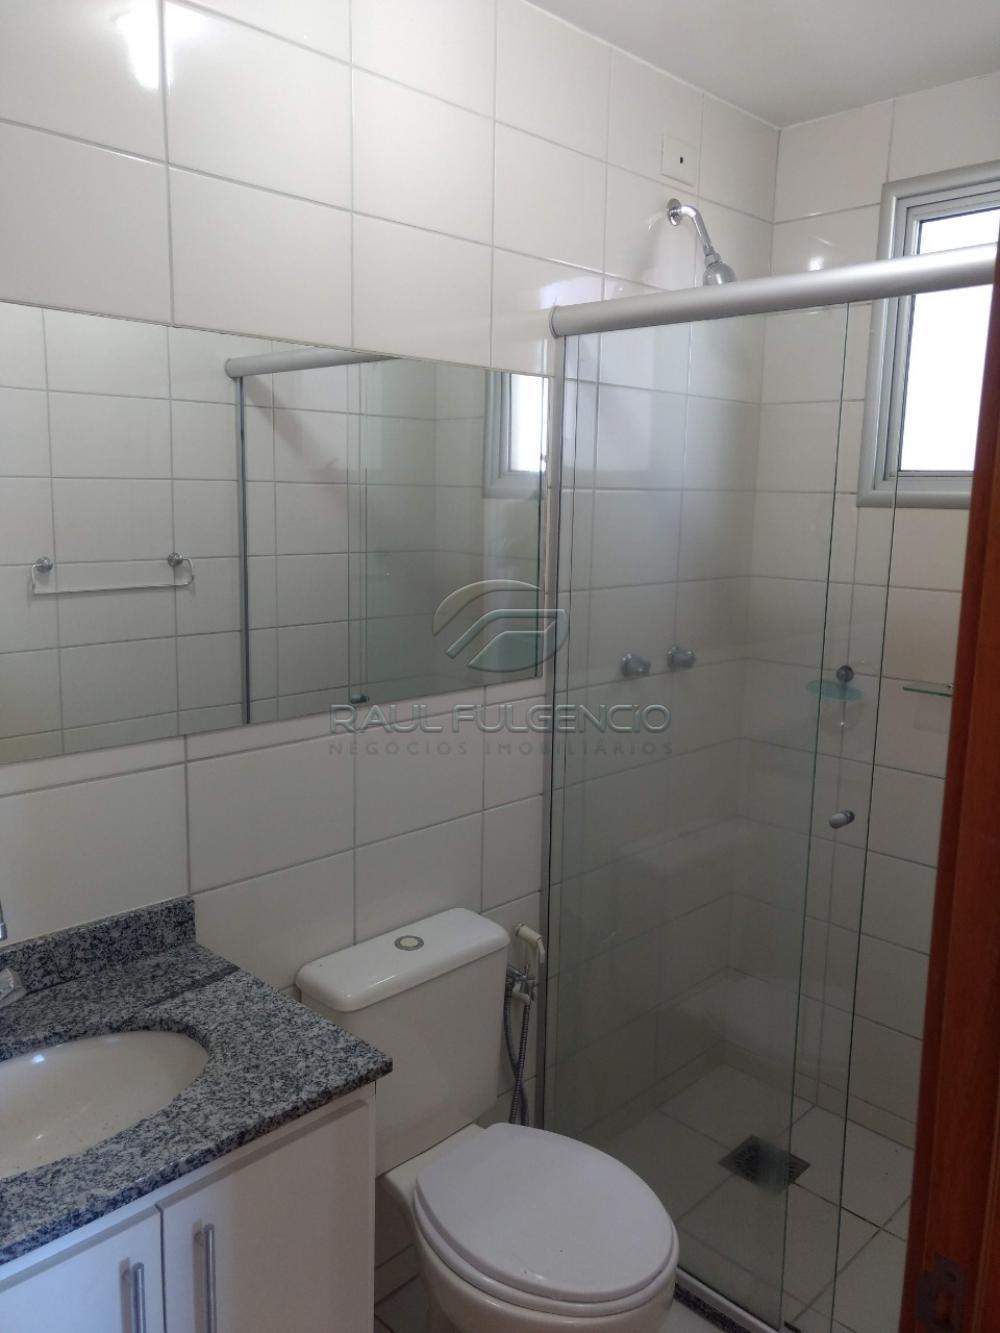 Comprar Apartamento / Padrão em Londrina apenas R$ 315.000,00 - Foto 7